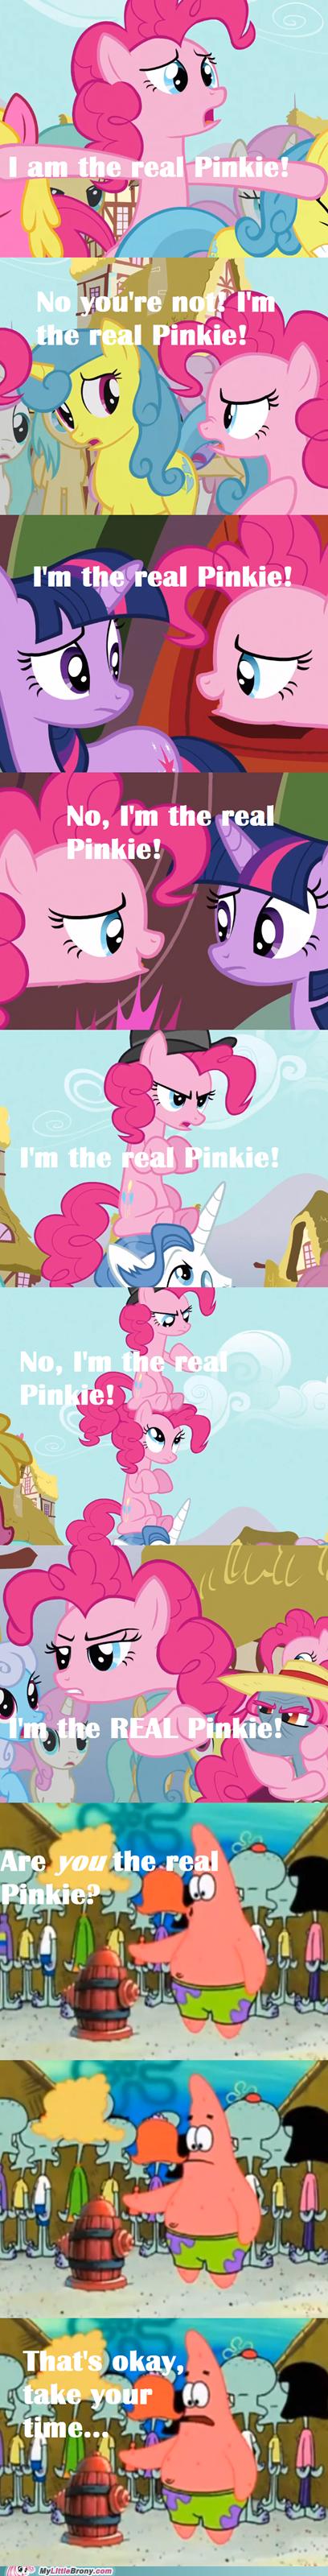 real pinkie pie comic - 6860680192